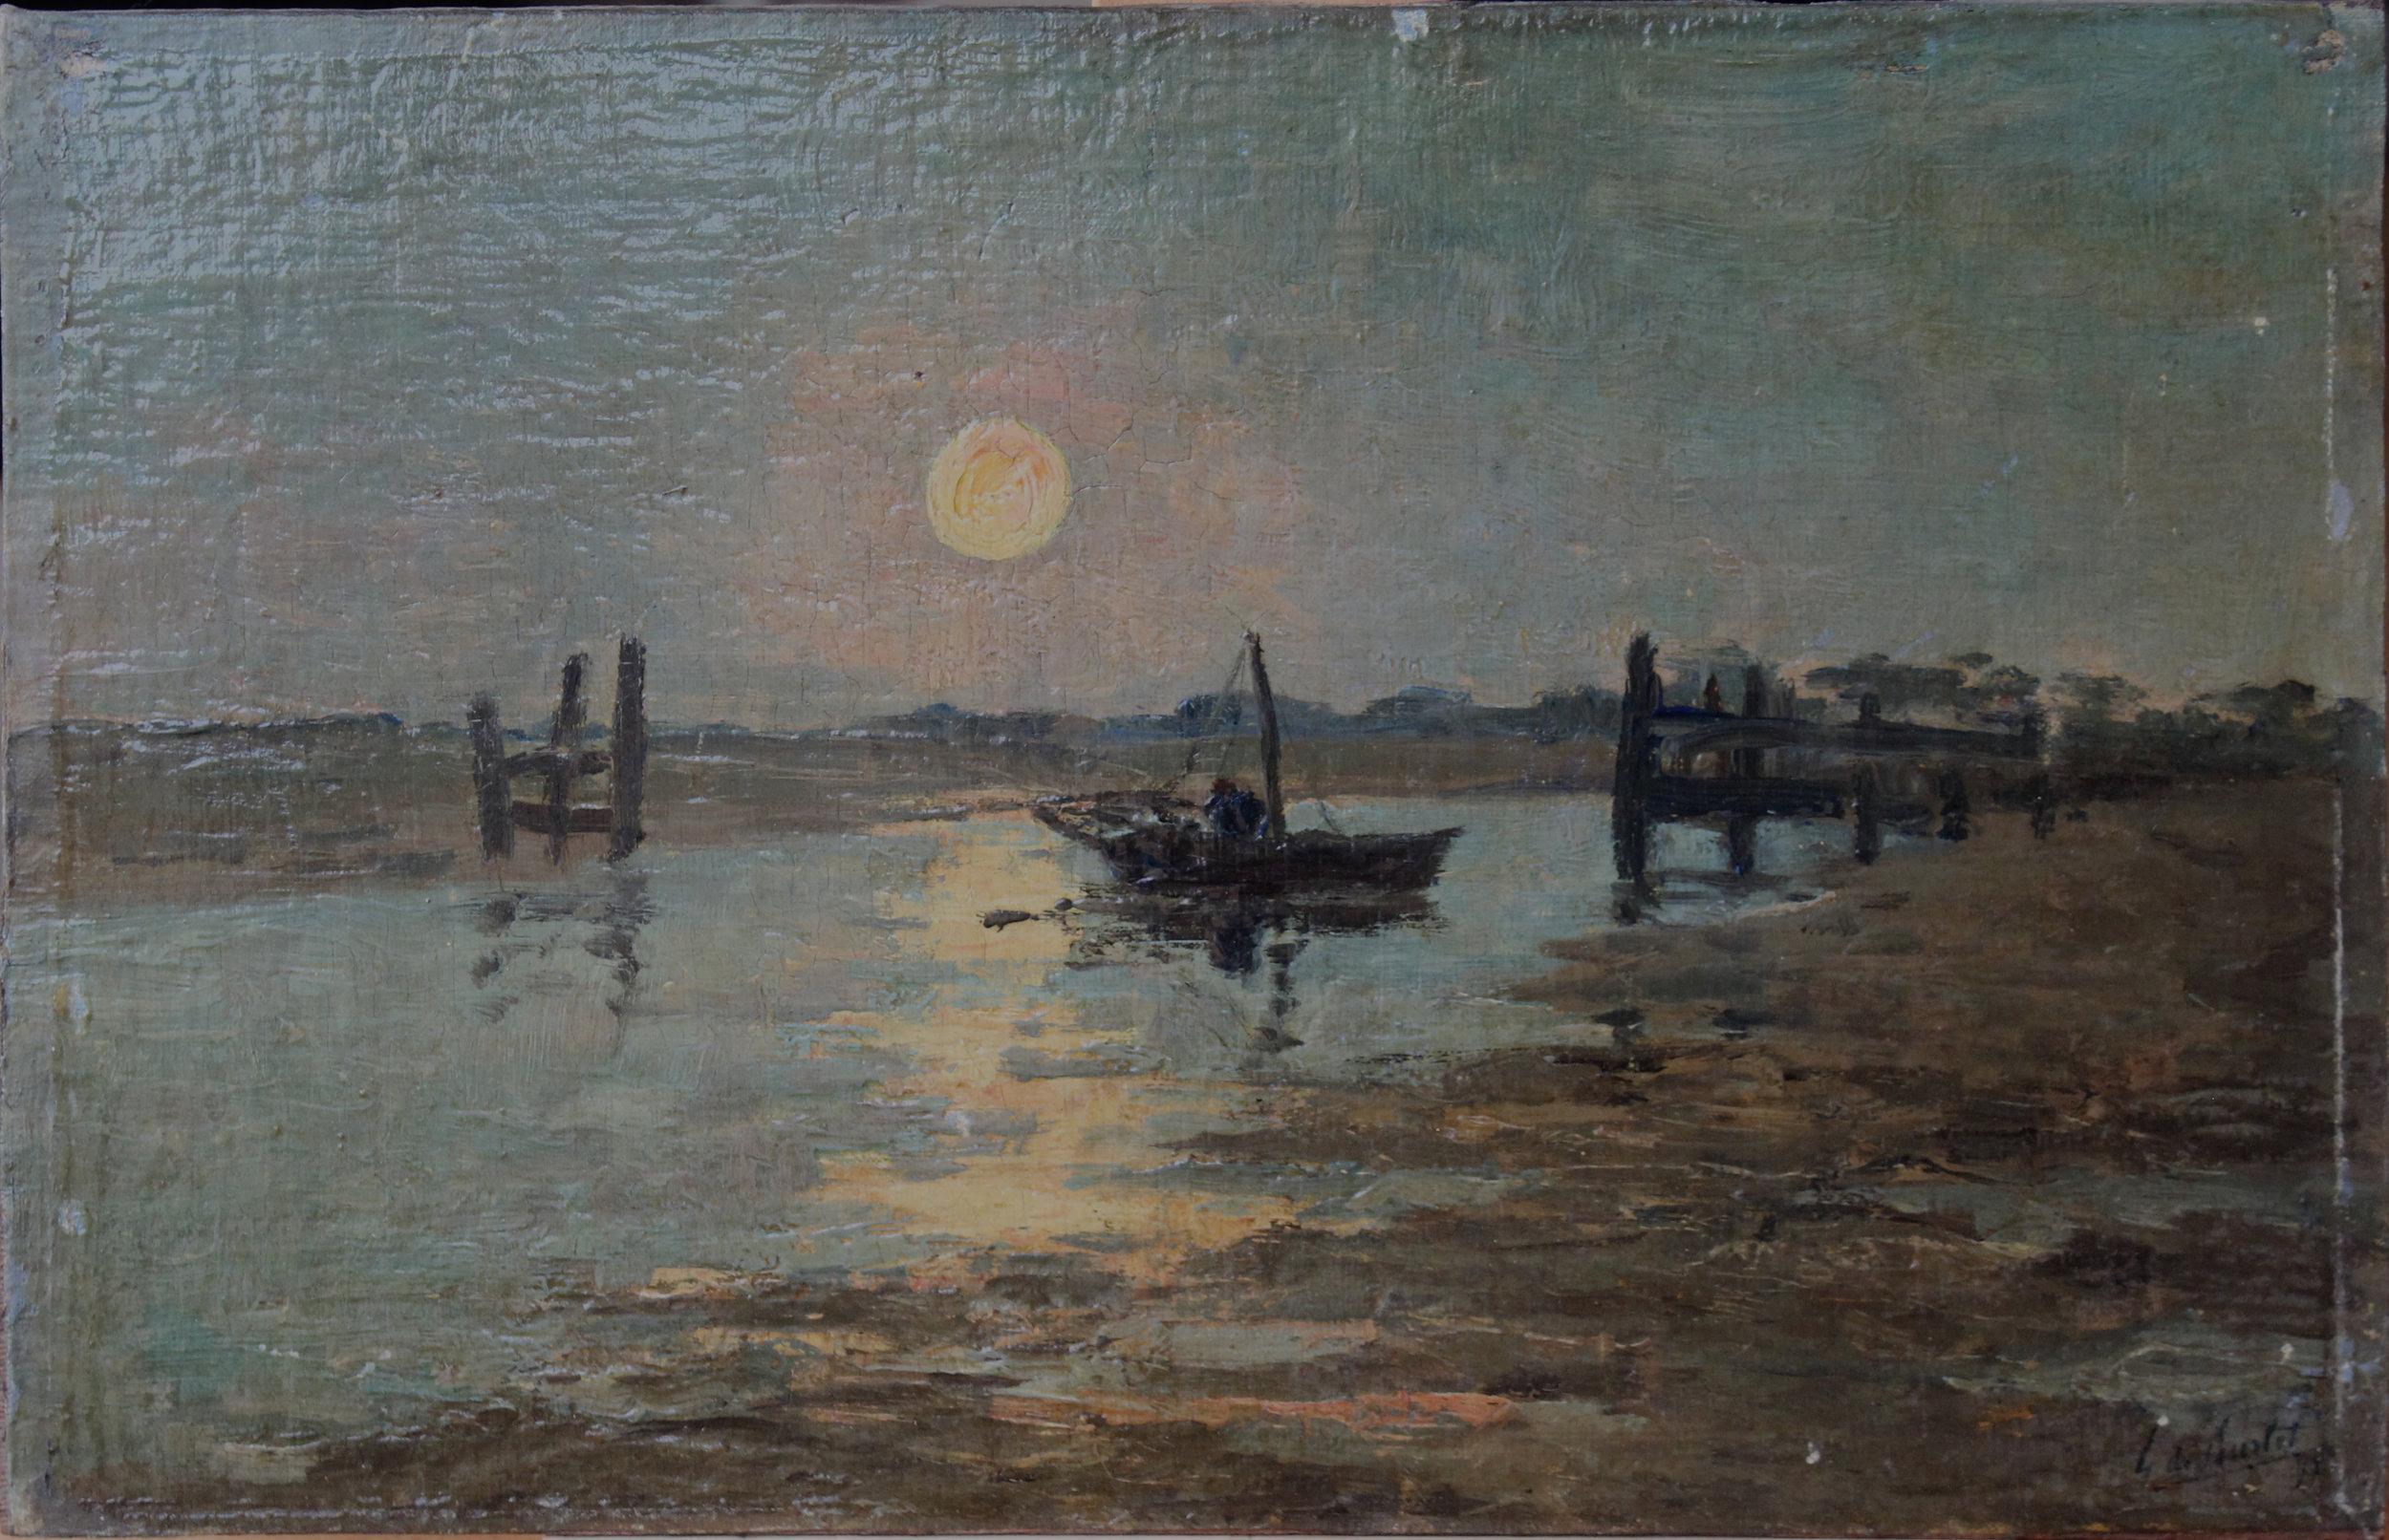 De Burlet,  Paysage , 1897, Peinture à l'huile sur panneau